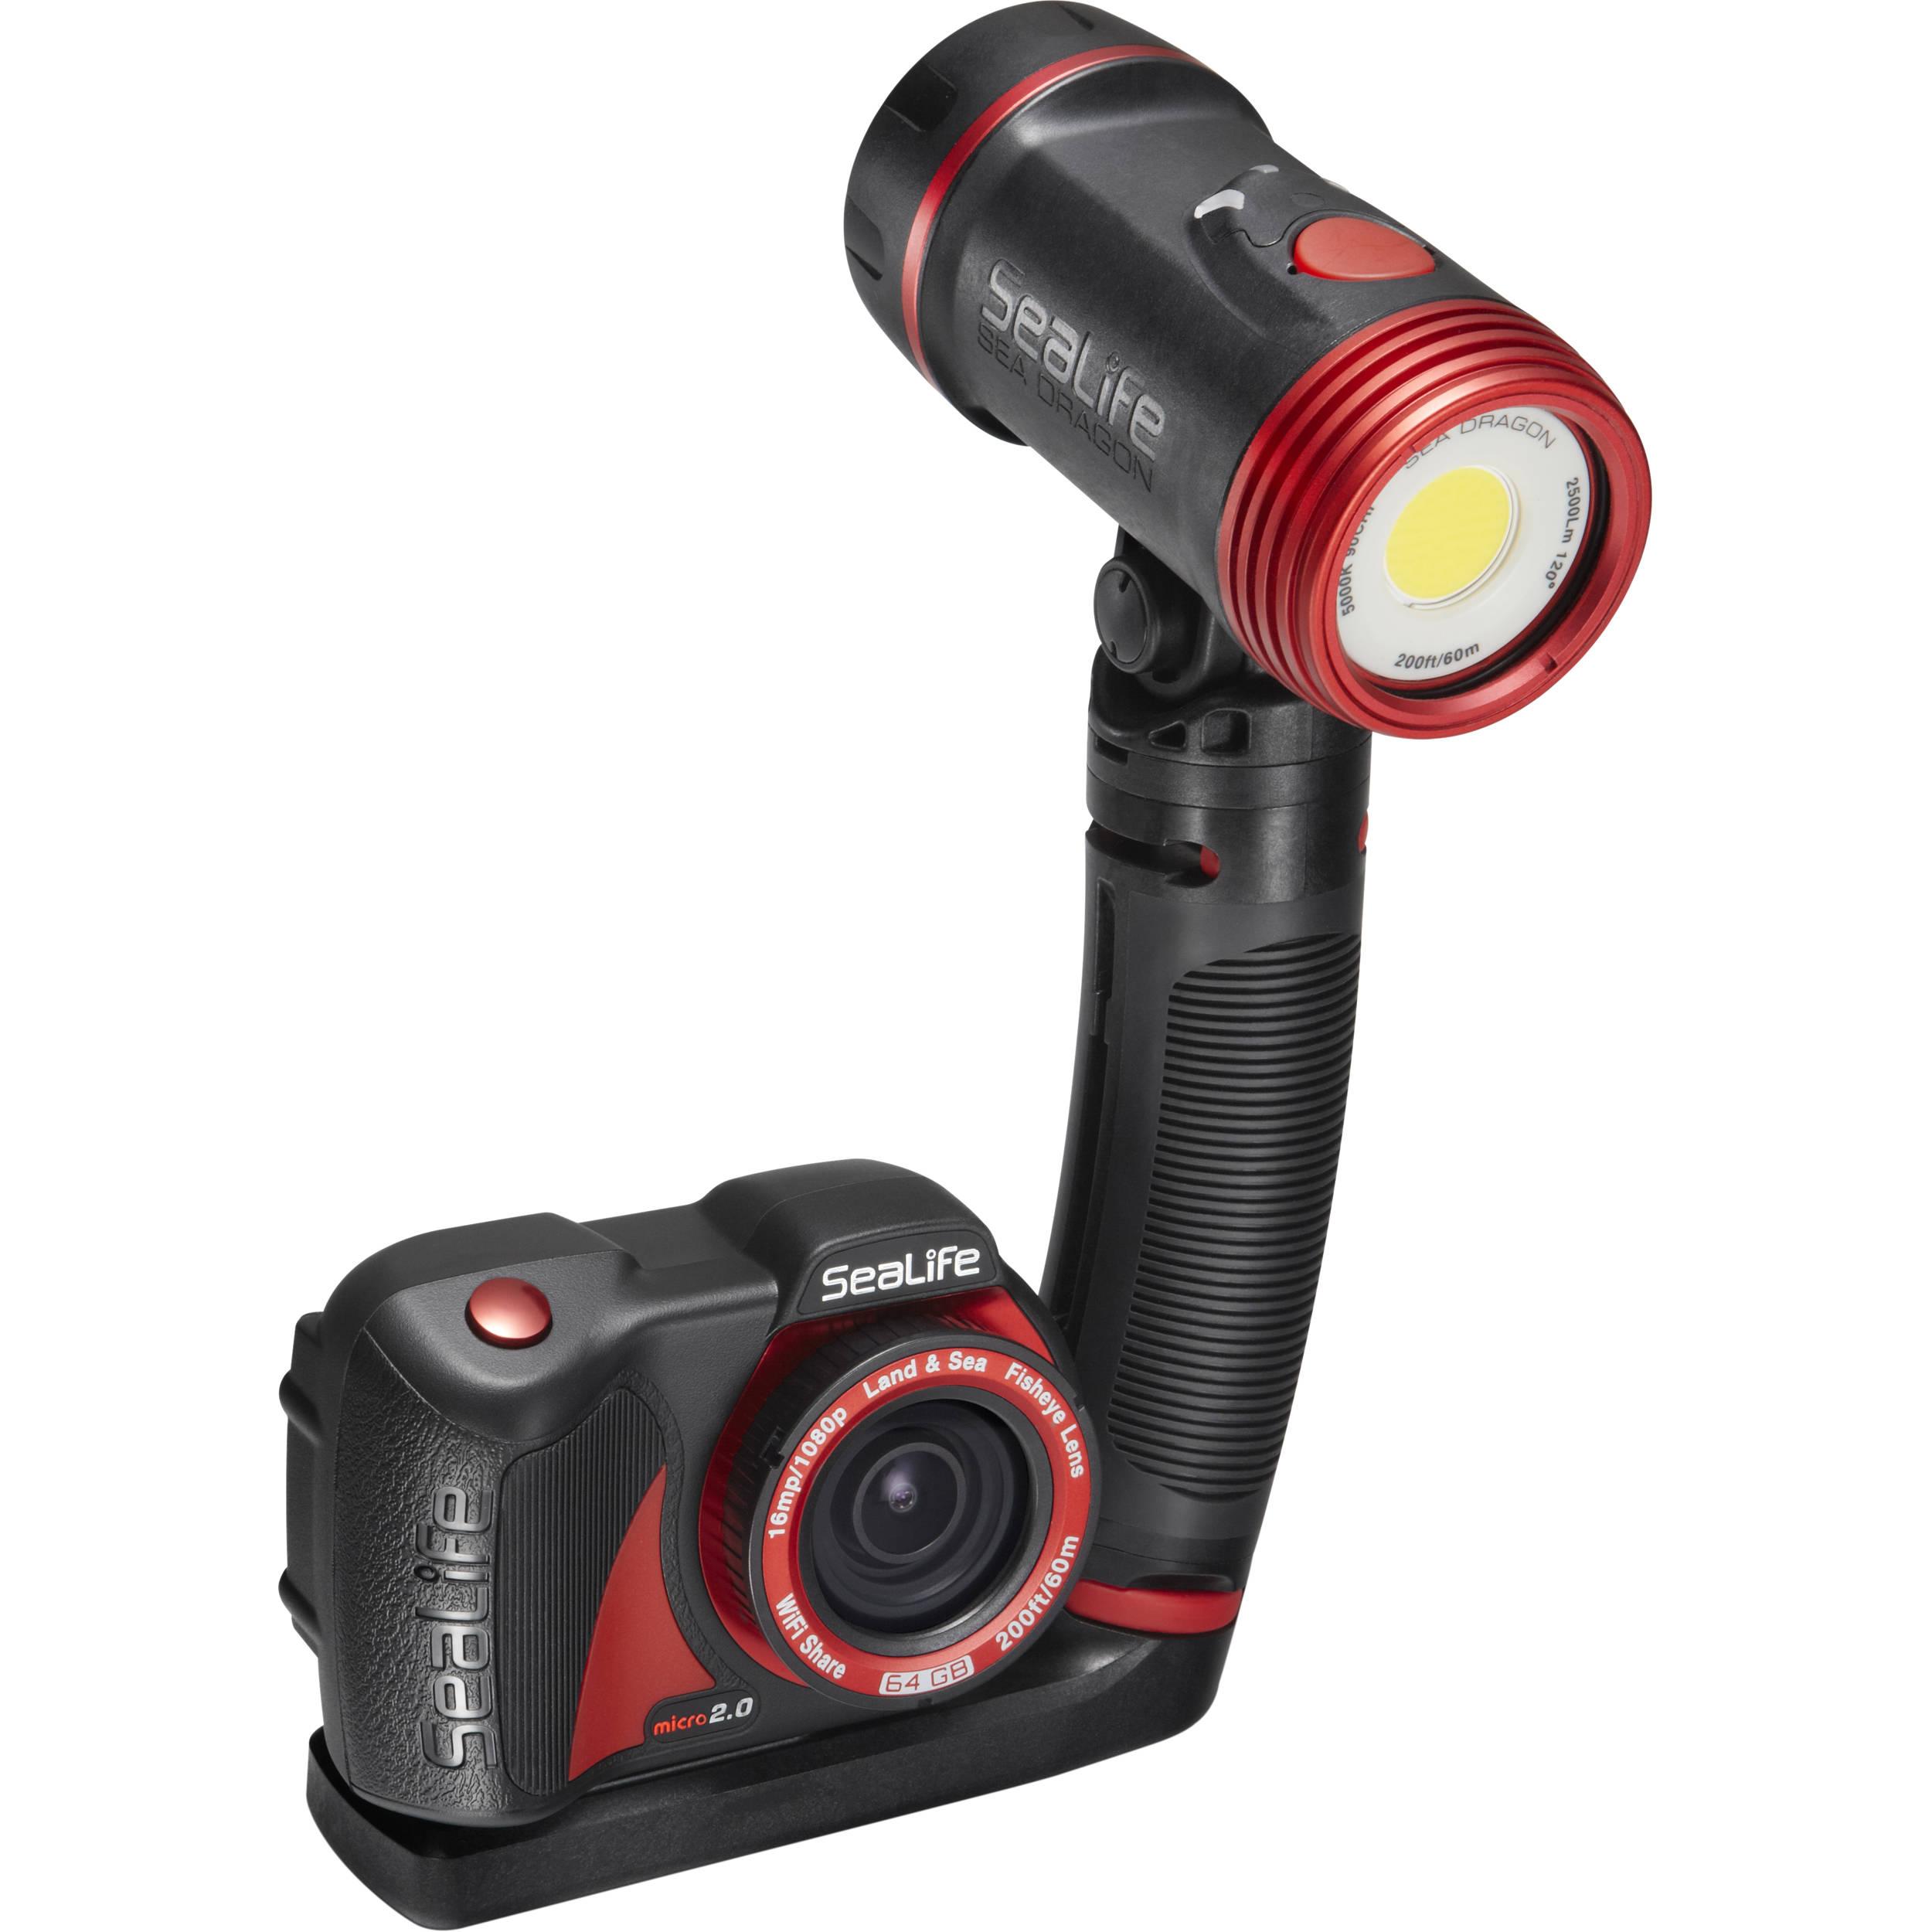 Комплект подводна фото-видео мини камера и осветление MICRO 2.0 HD / 2500 PRO - SeaLife